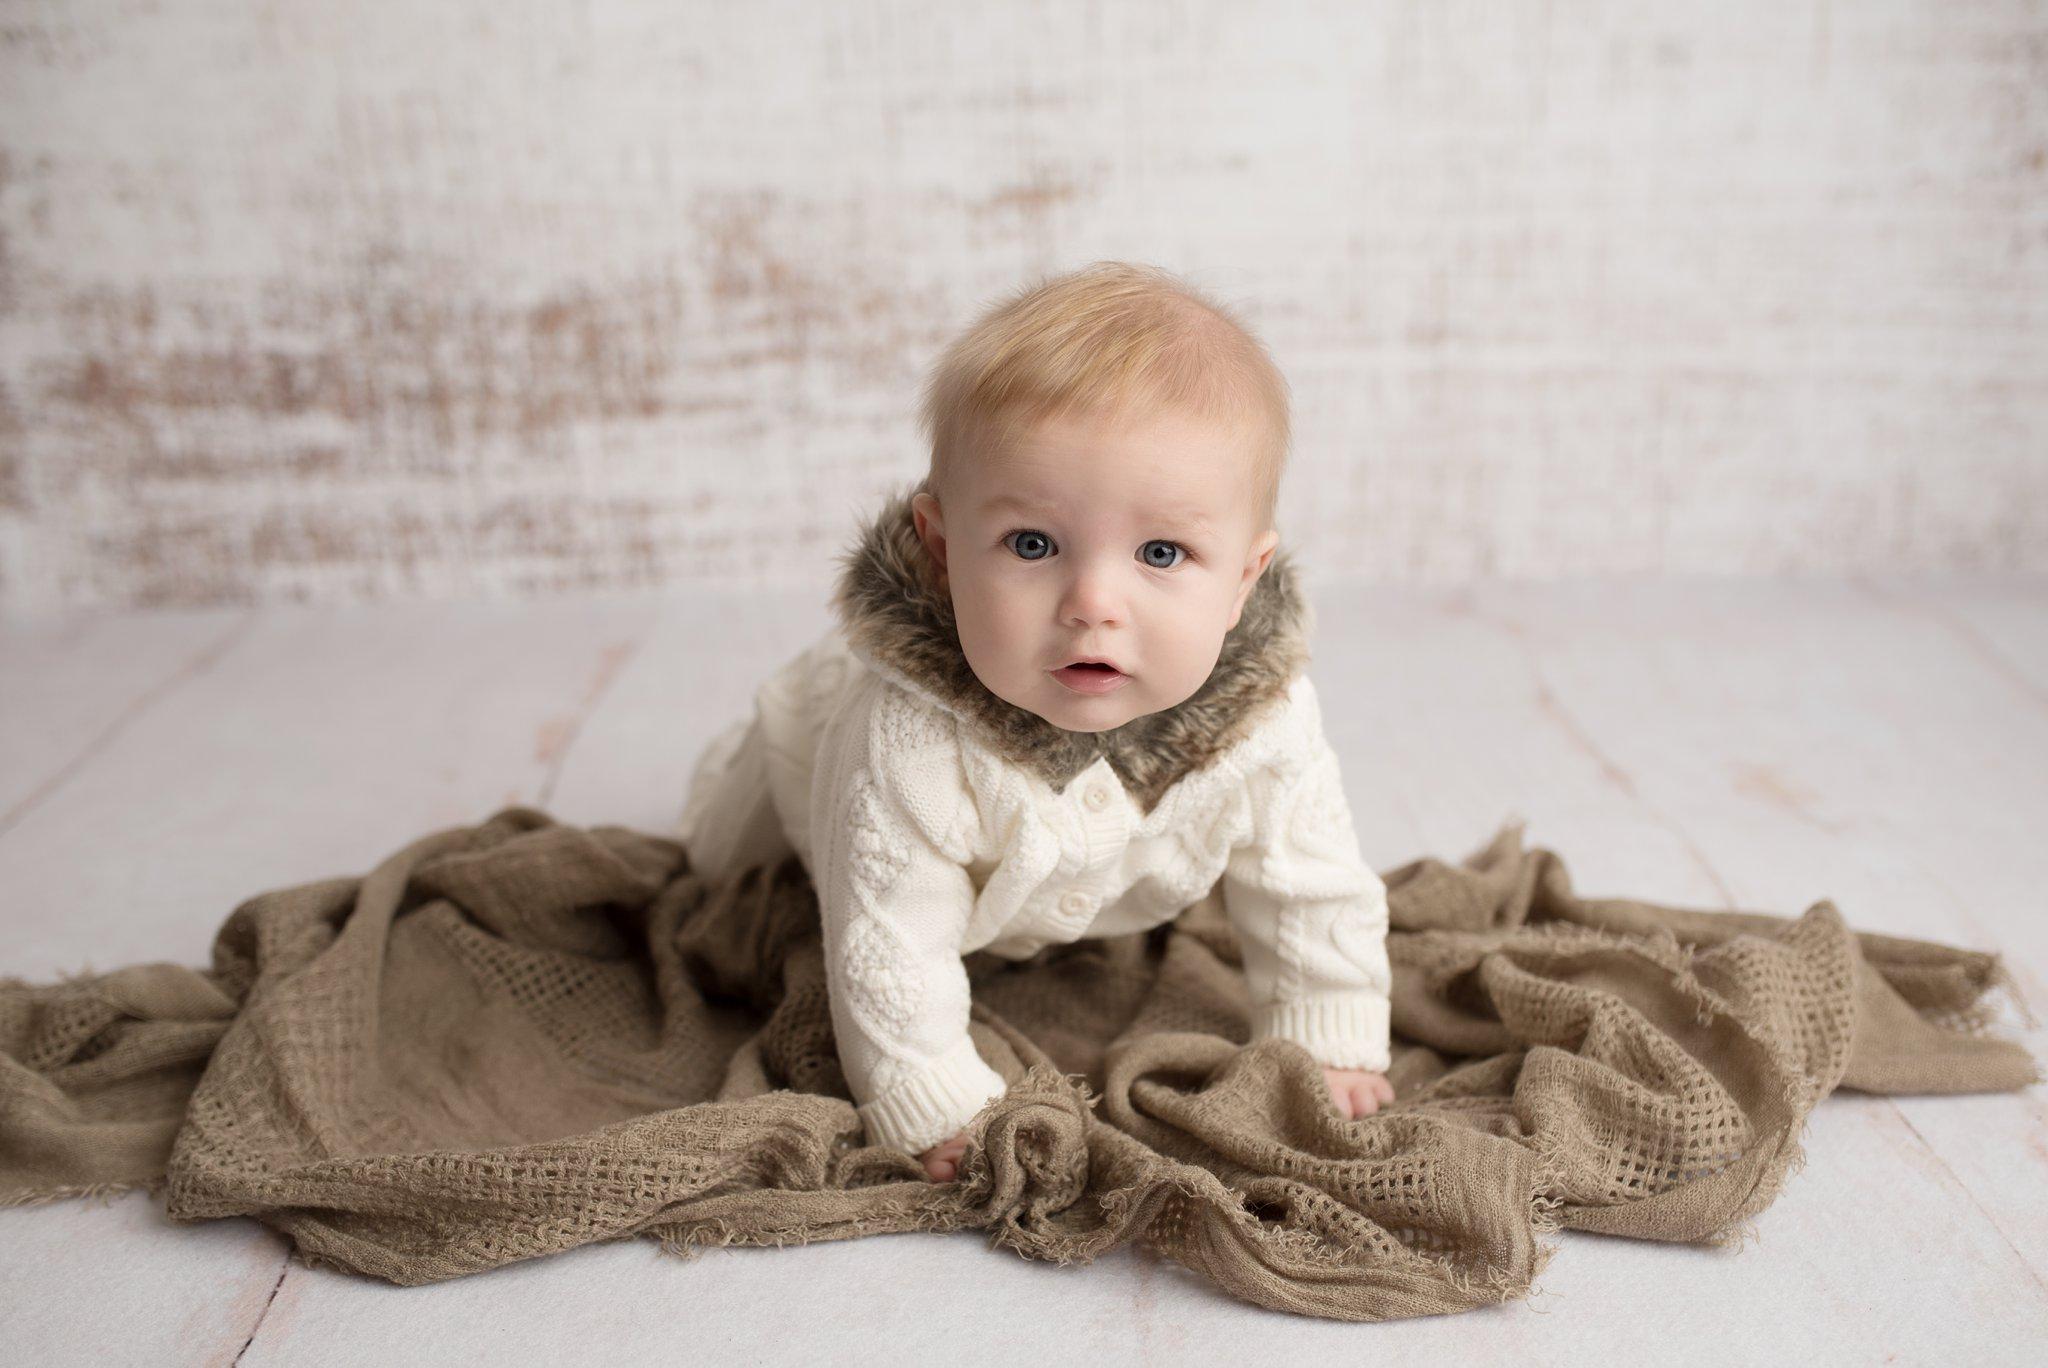 babyphotography-columbusohiophotographer_0054.jpg